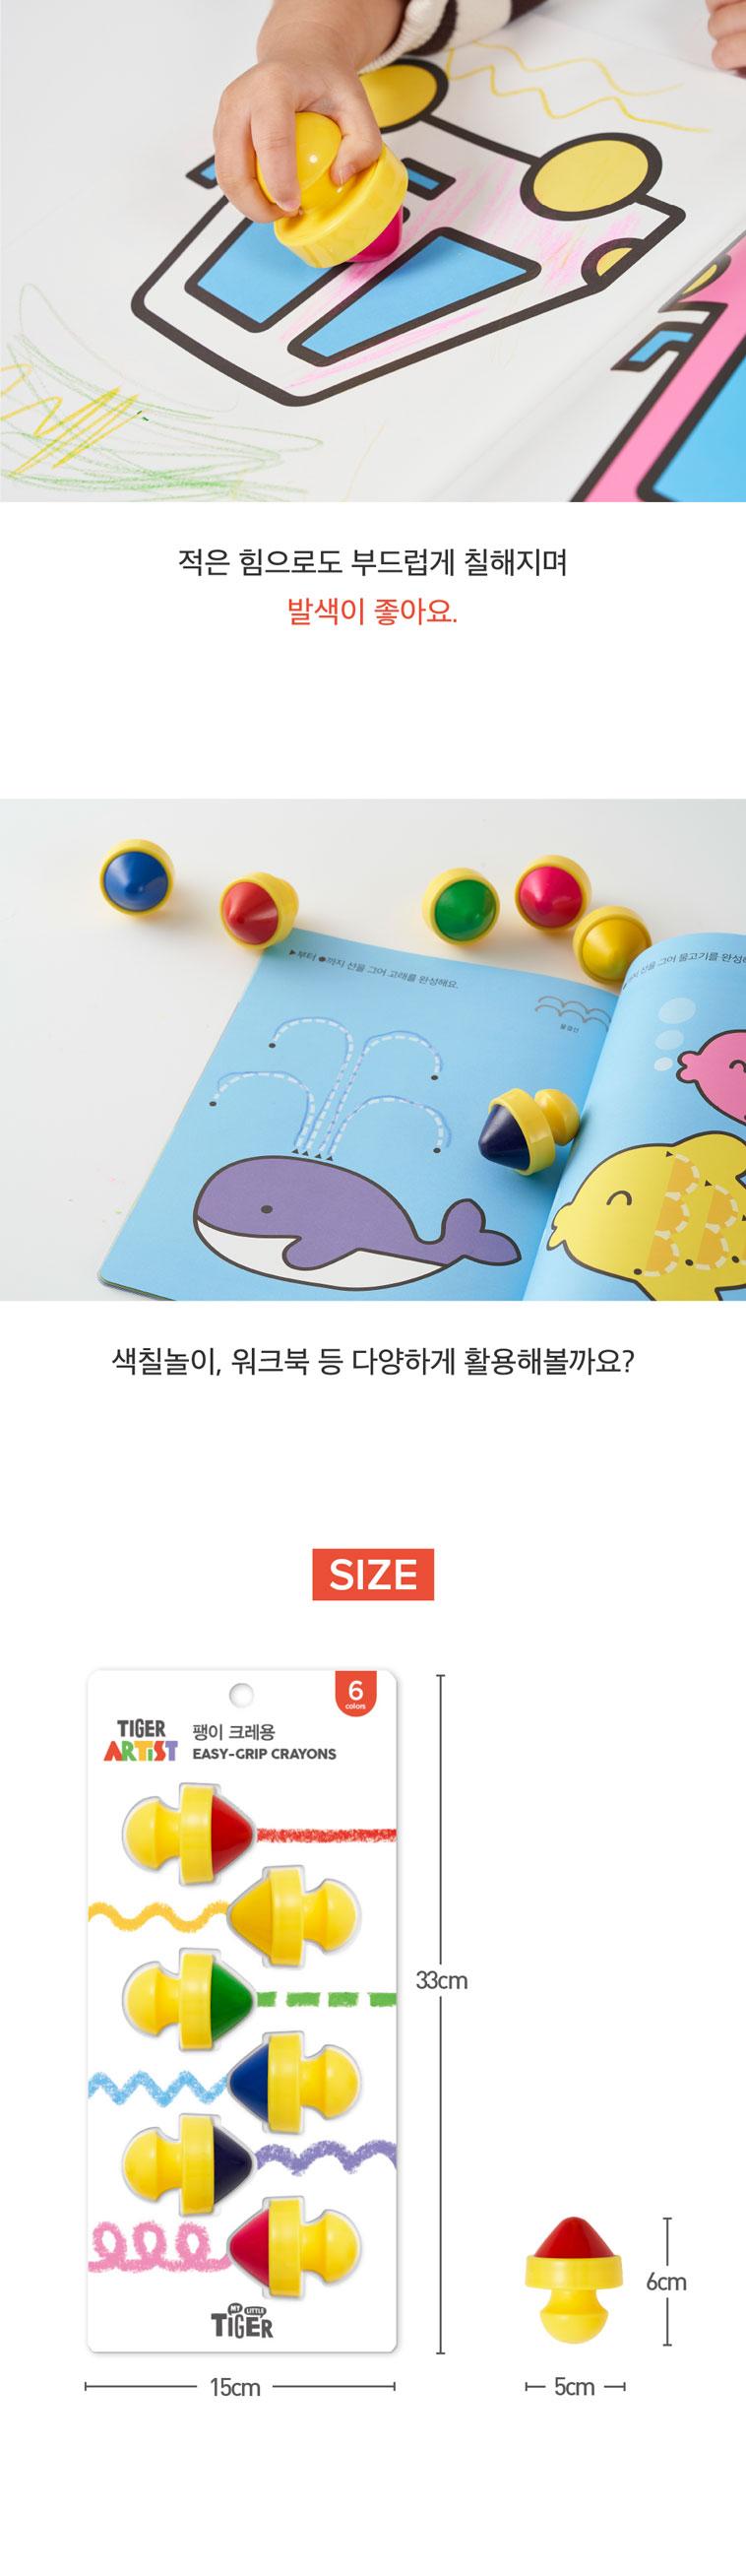 팽이크레용-상페-3.jpg